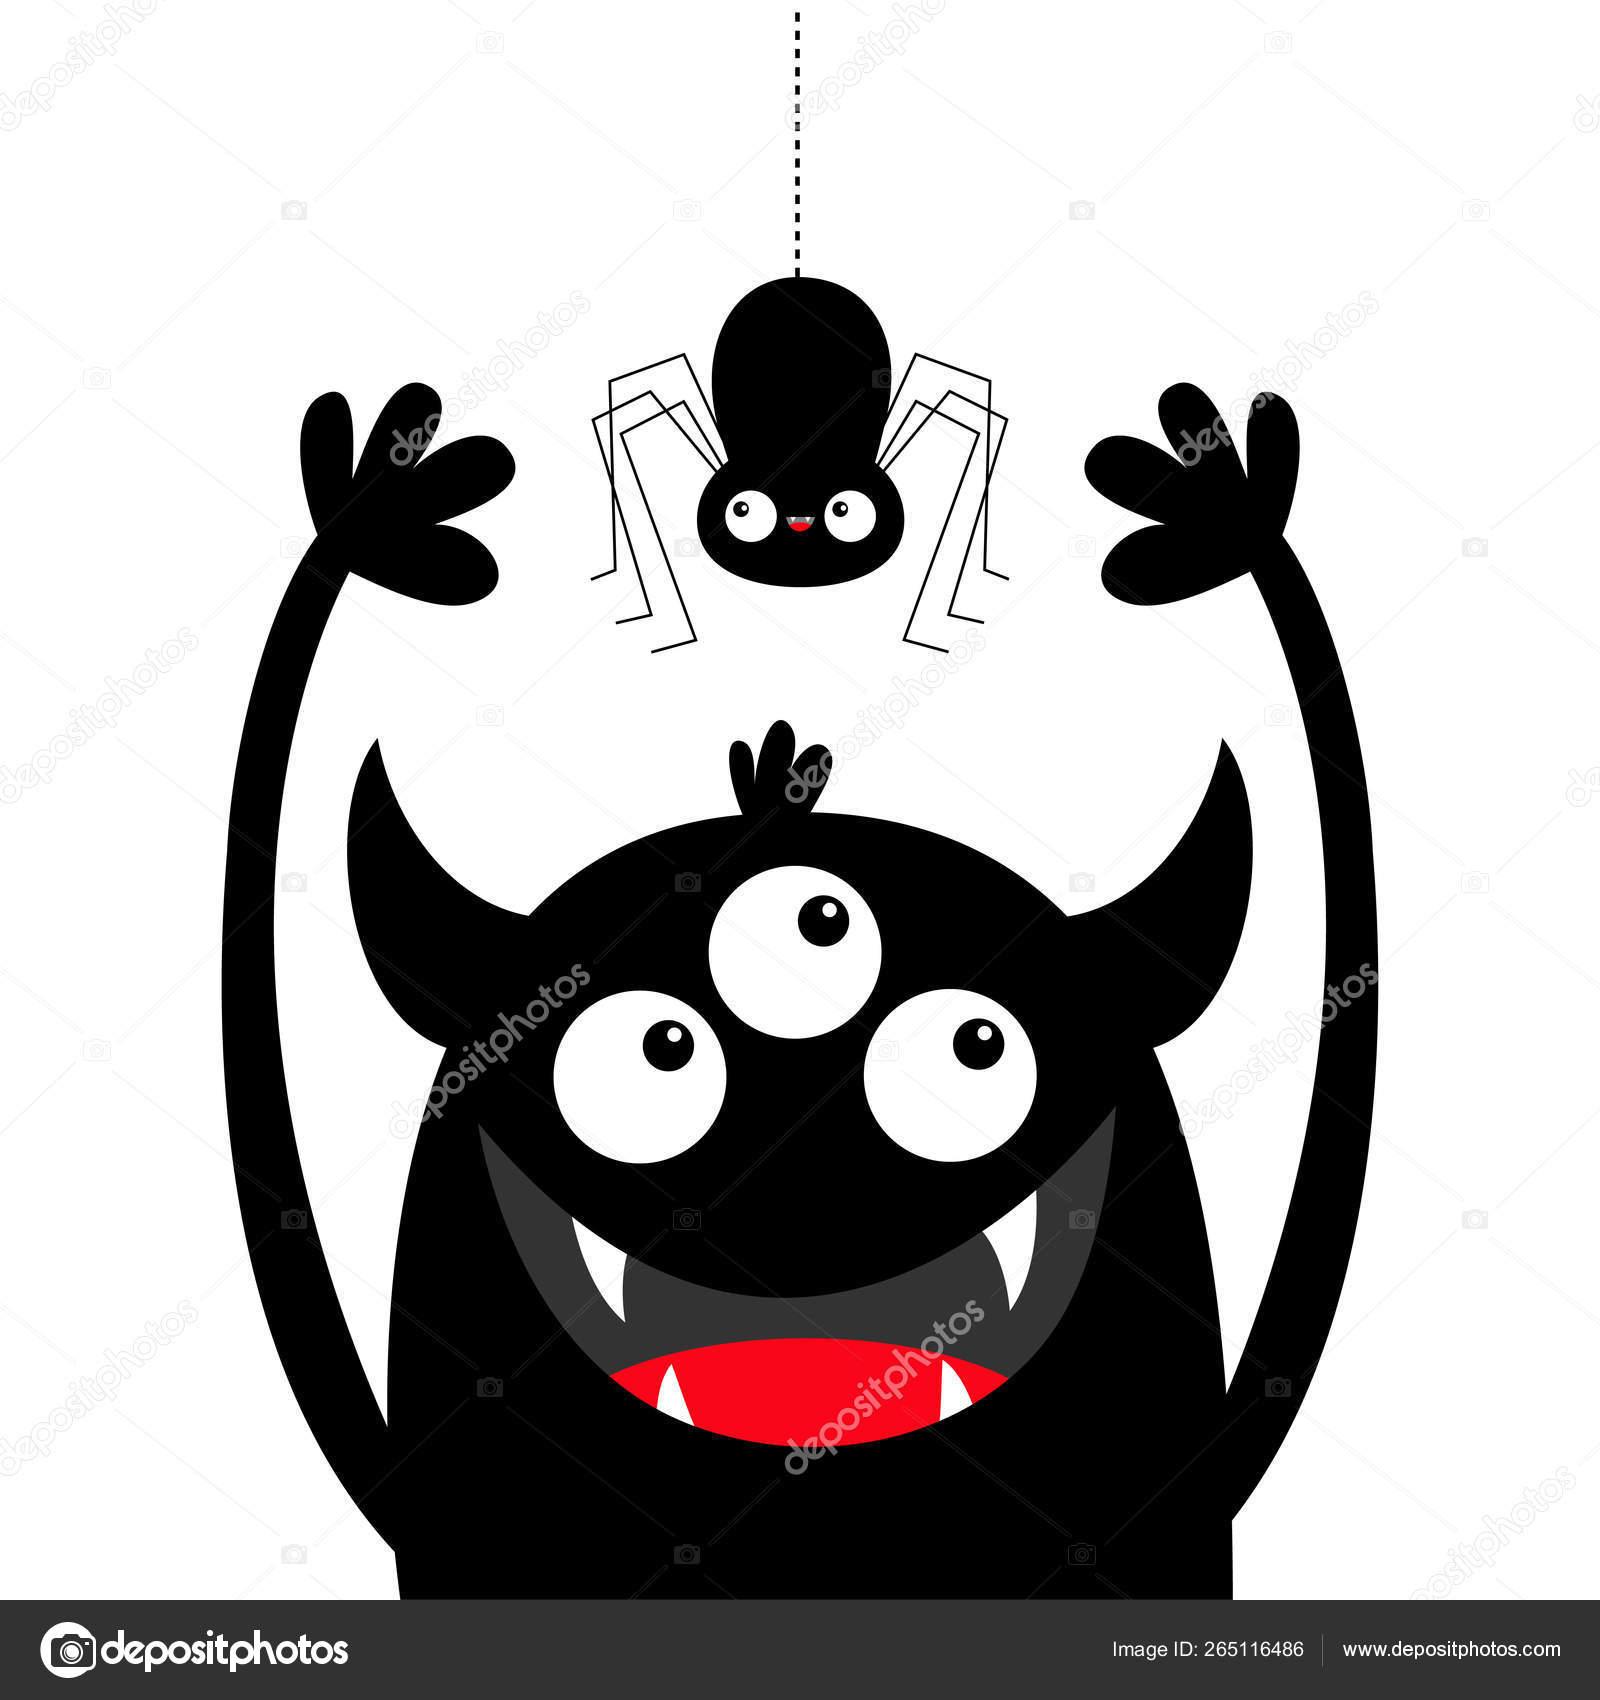 Hanging Spider Monster Head Black Silhouette Three Eyes Teeth